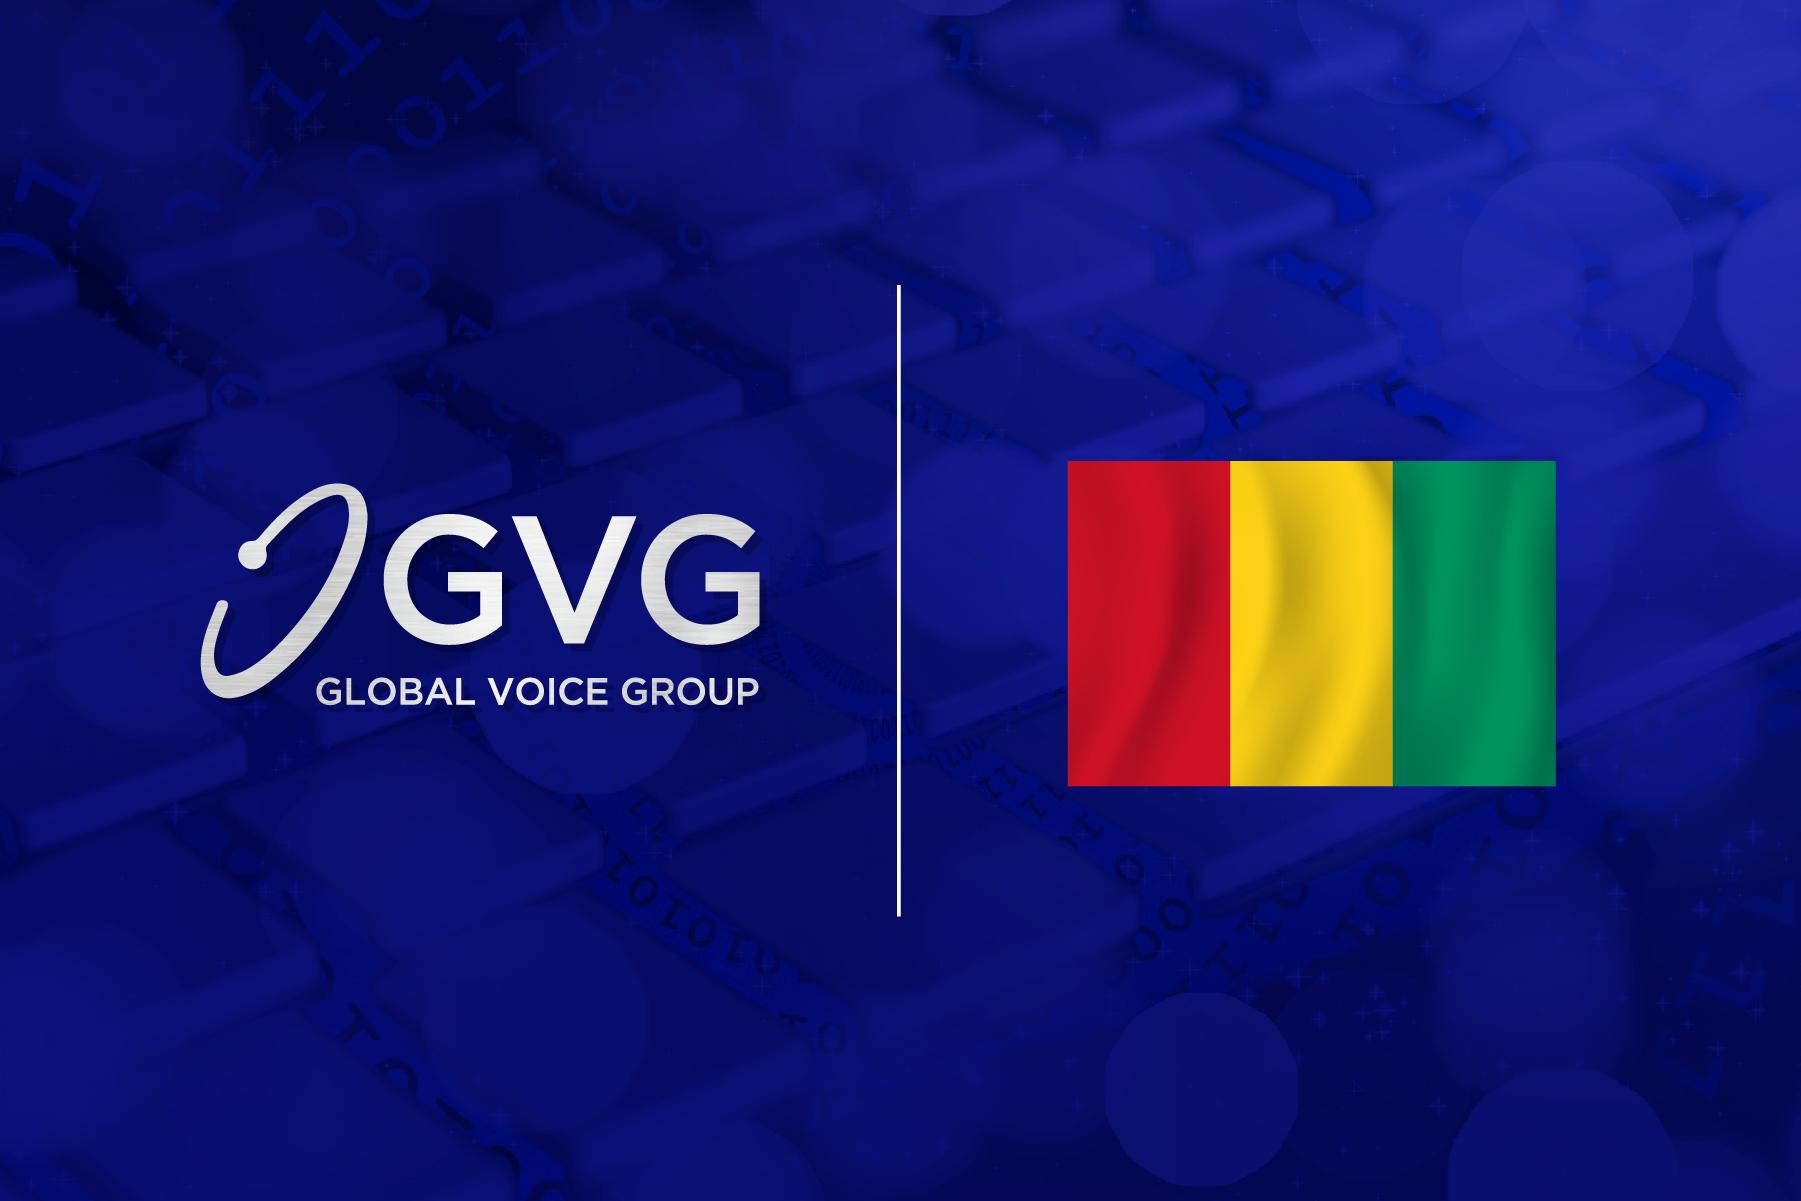 ARPT Guinea Partners Global Voice Group For Digital Regulation Platform